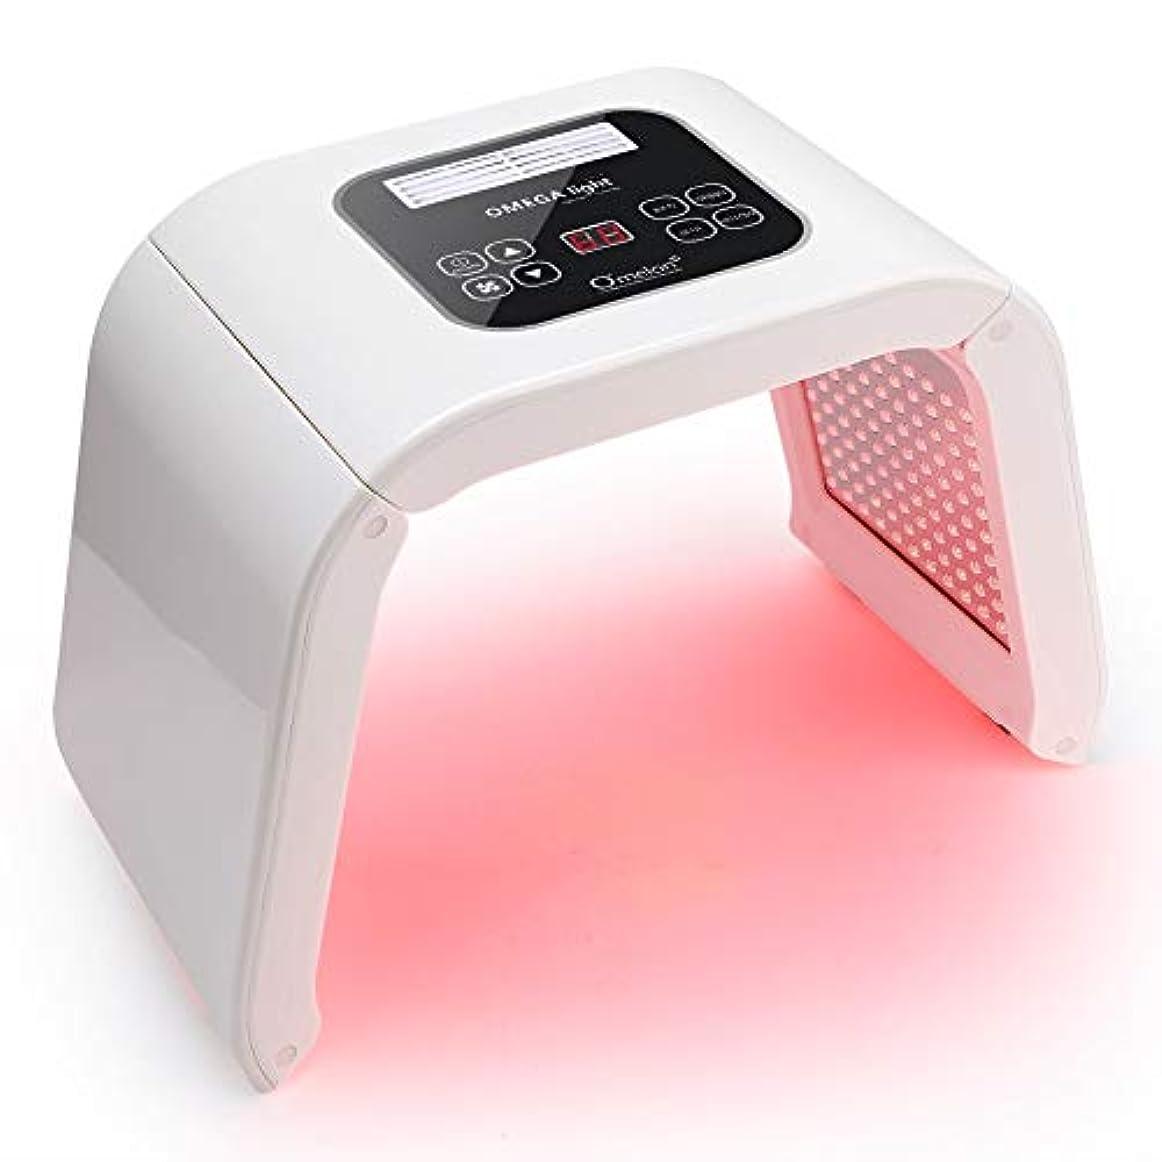 ジーンズ法王クラッチLed肌若返りデバイス7色美容光力学ランプ肌しわ除去治療フェイスボディケアFDA承認(110?220V)